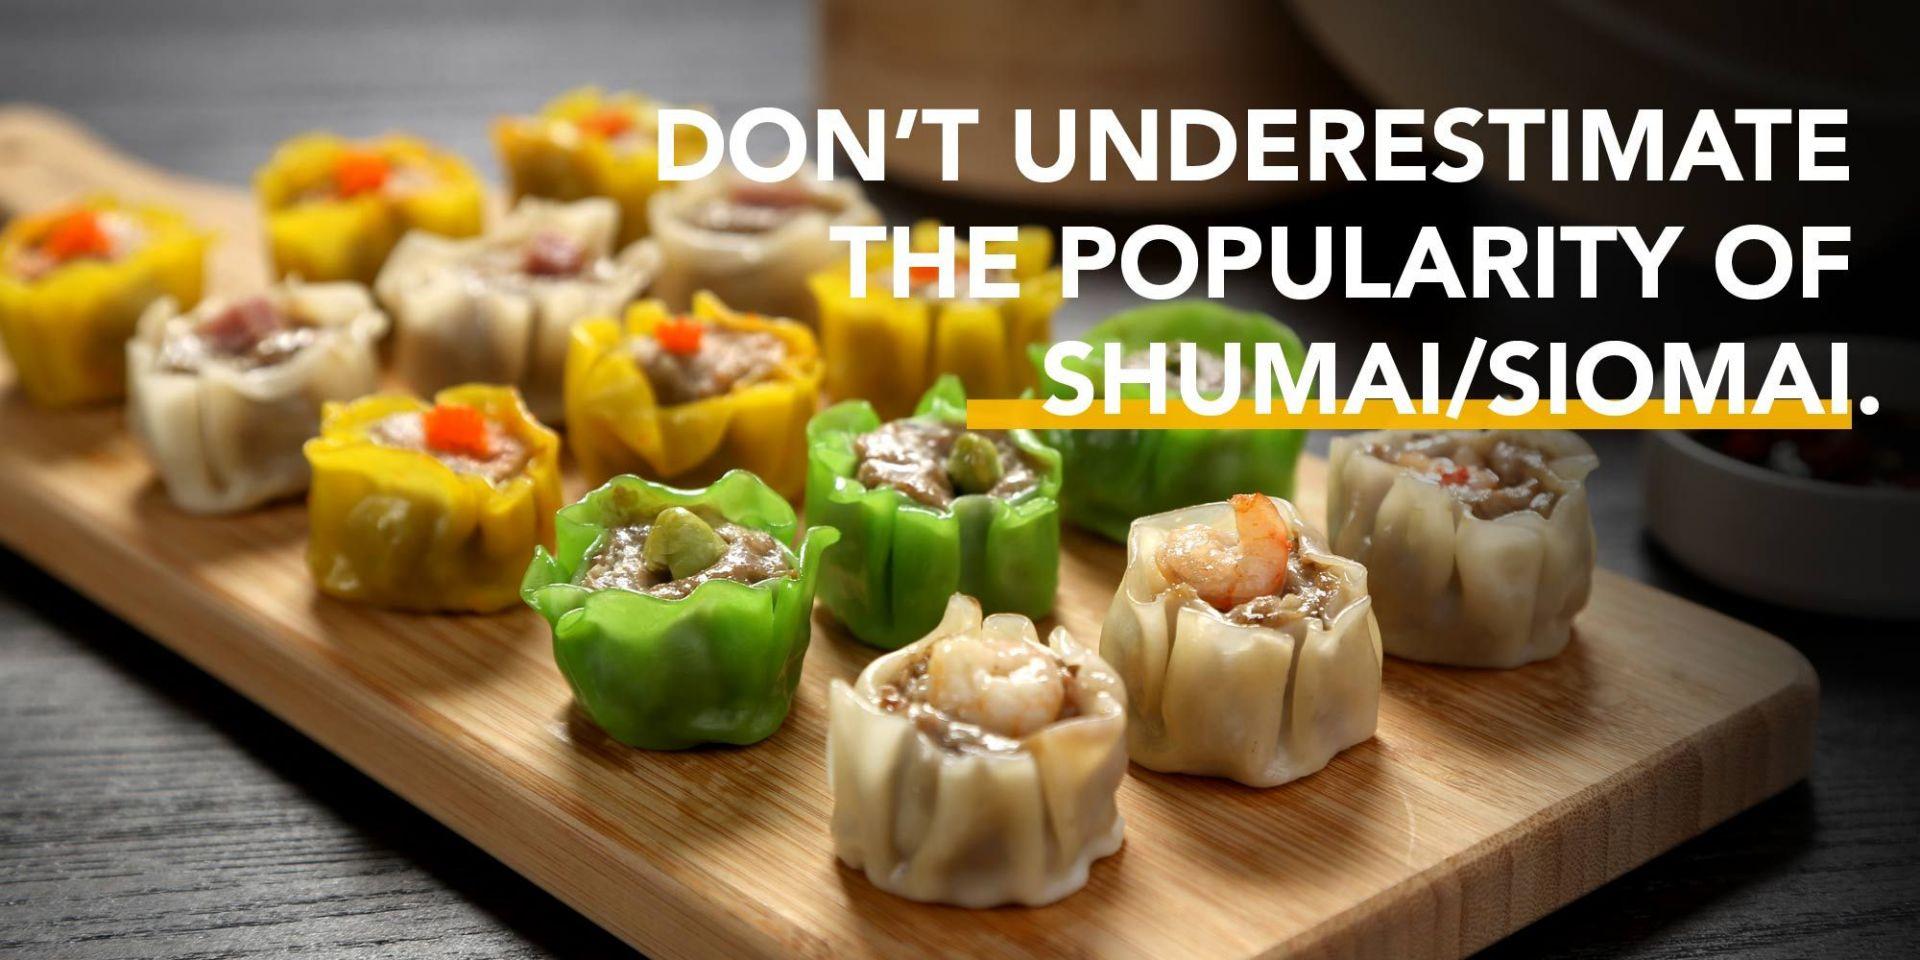 【Tendințe în industria alimentară】 Nu subestimați popularitatea shumai / siomai.